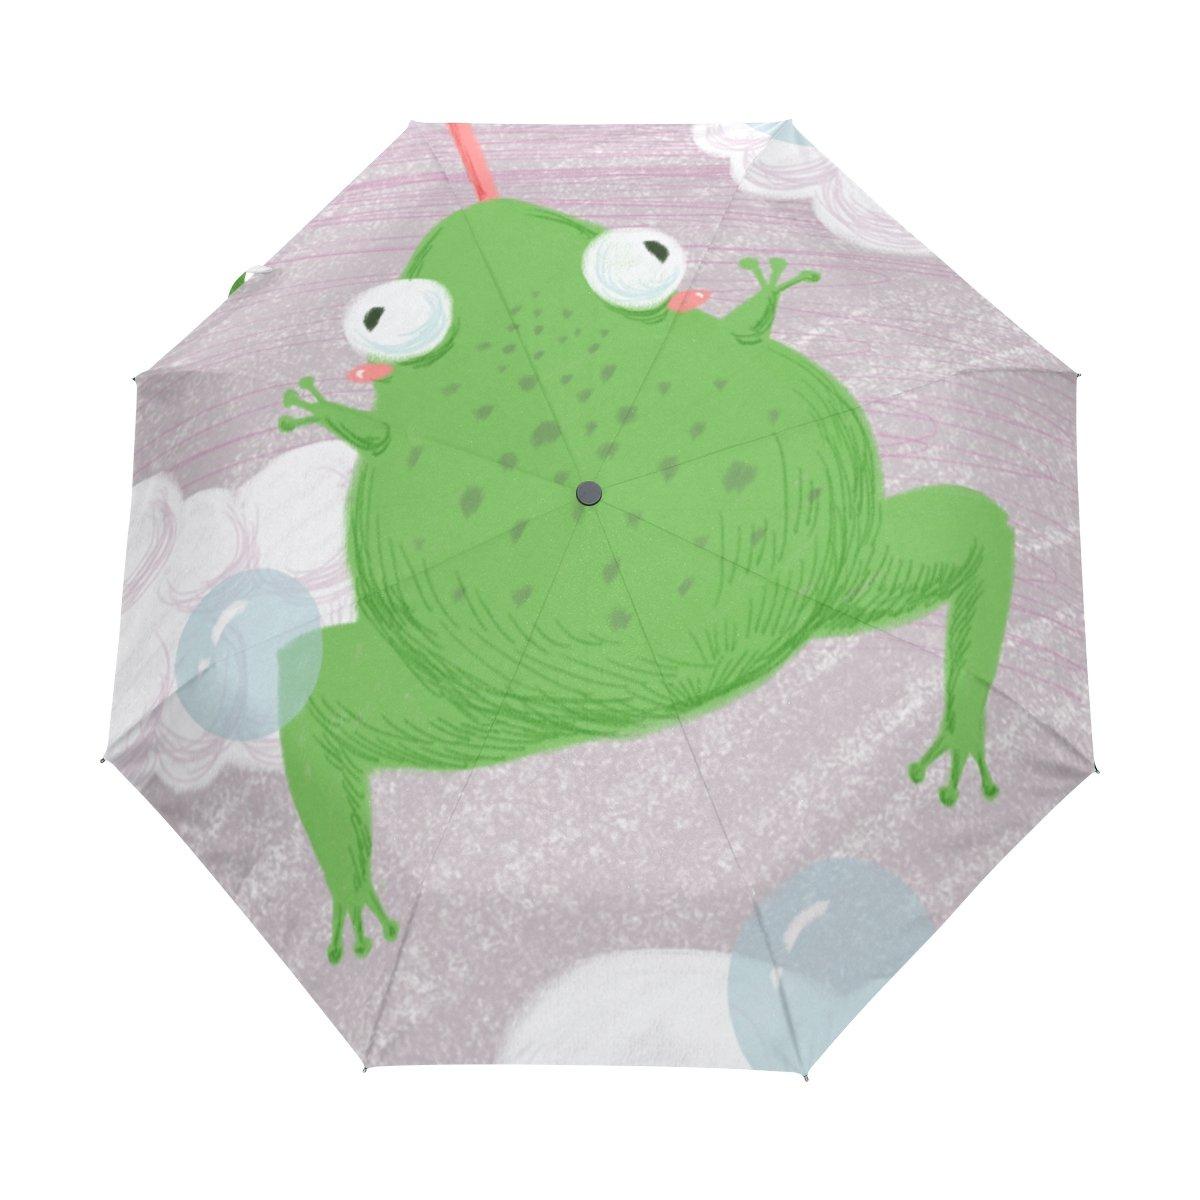 senya Saobao 防風 防雨 トラベル傘 自動開閉 折りたたみ式カエル ポータブル 折りたたみ式 日傘 B07FFRVQ1F